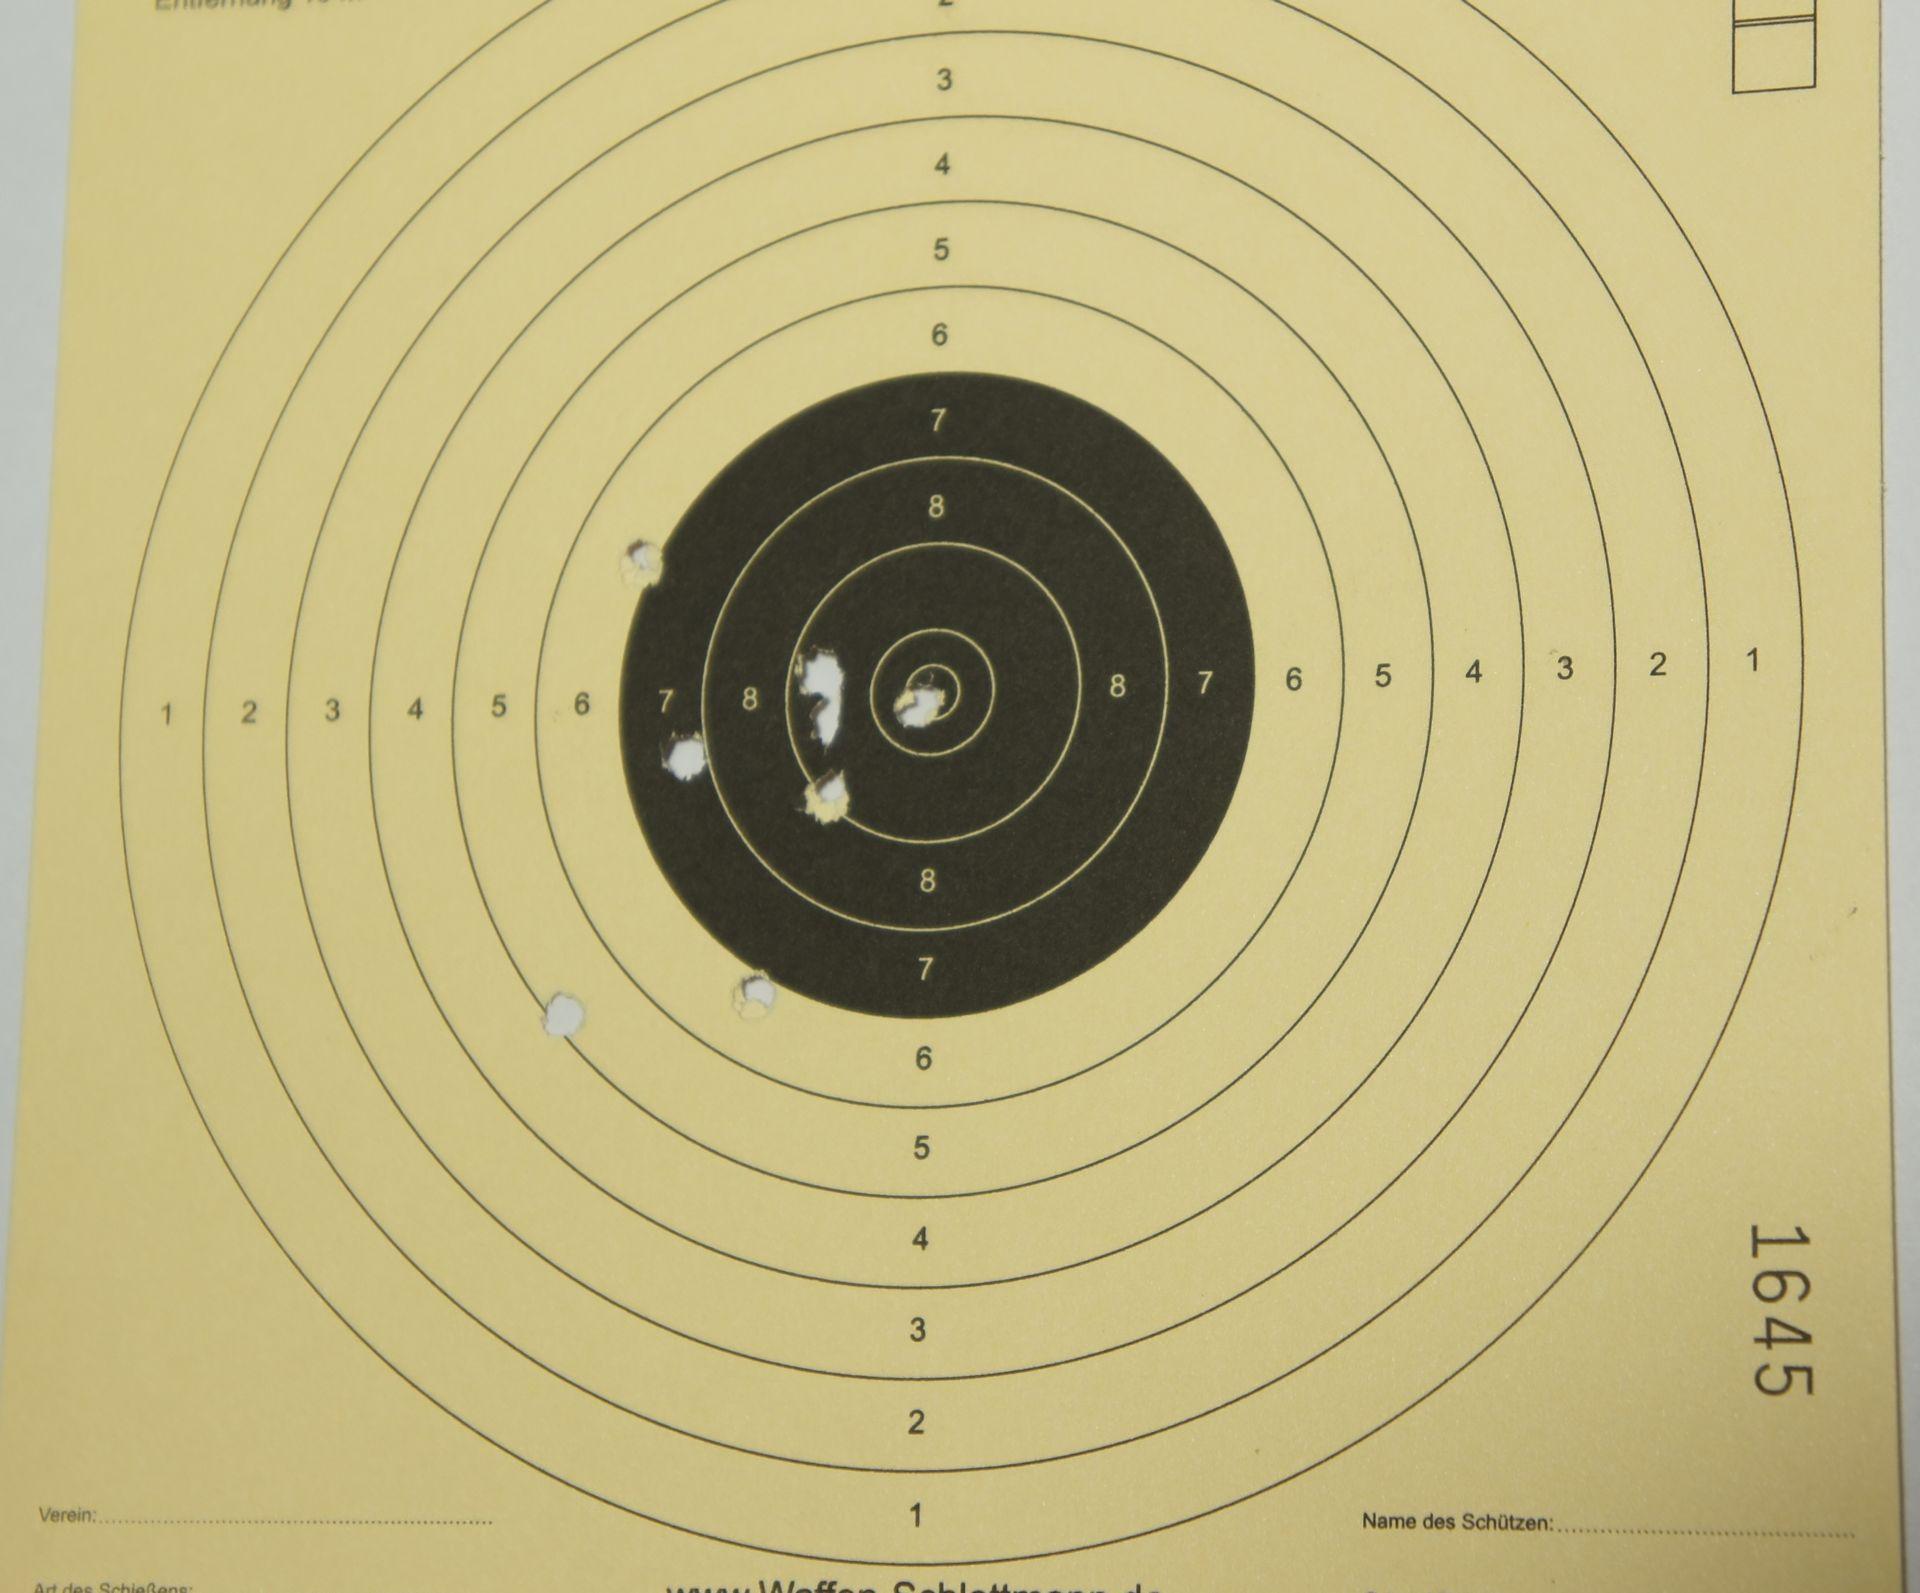 Ein Trefferbild mit der SIG P226 CO2-Pistole - 4,5 mm